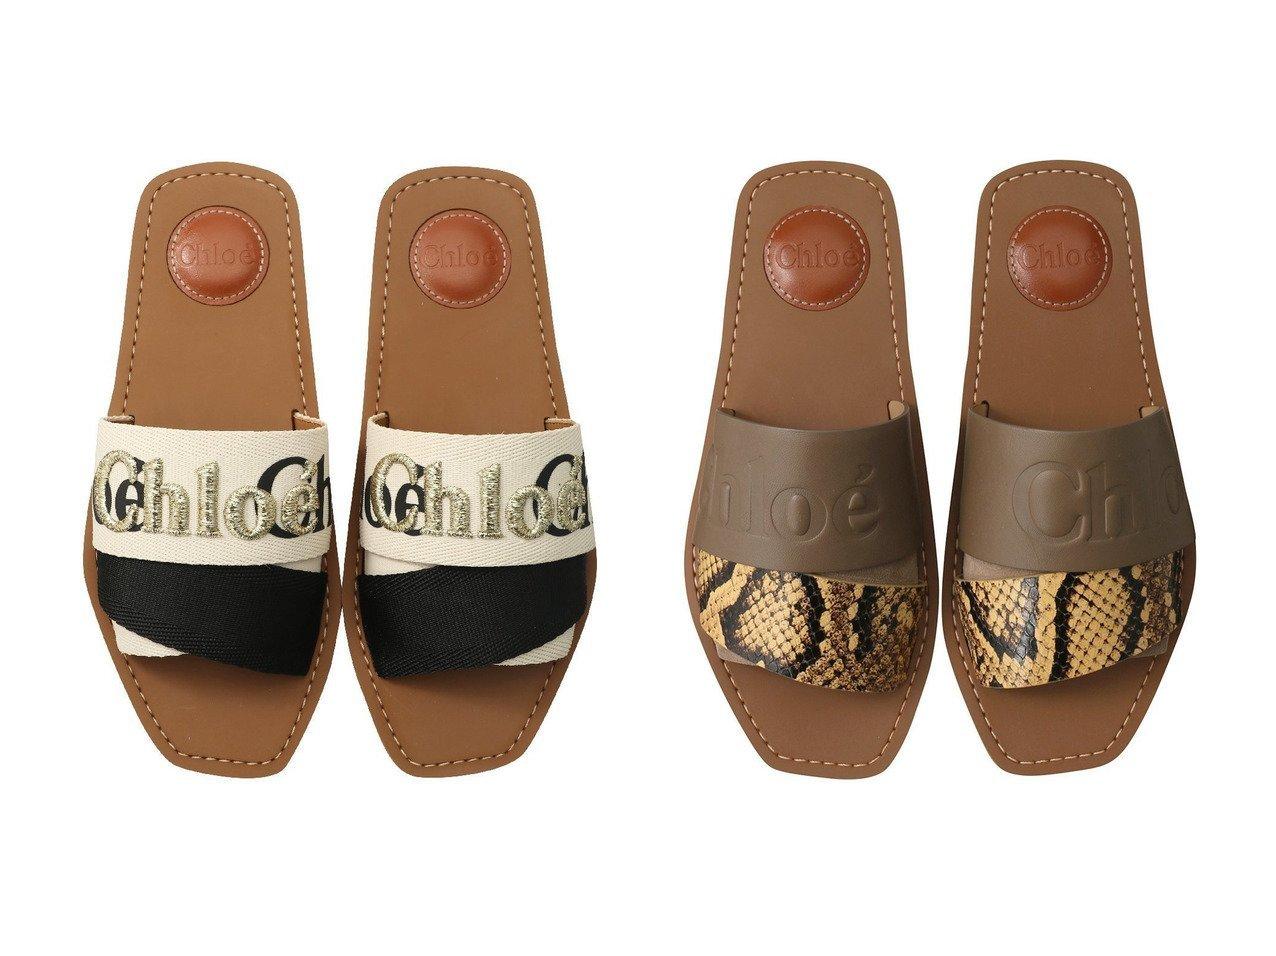 【CHLOE/クロエ】のWOODY エンブロイダリーキャンバスロゴフラットサンダル&WOODY パッチワークロゴフラットサンダル シューズ・靴のおすすめ!人気、トレンド・レディースファッションの通販 おすすめで人気の流行・トレンド、ファッションの通販商品 メンズファッション・キッズファッション・インテリア・家具・レディースファッション・服の通販 founy(ファニー) https://founy.com/ ファッション Fashion レディースファッション WOMEN 2021年 2021 2021 春夏 S/S SS Spring/Summer 2021 S/S 春夏 SS Spring/Summer エンブロイダリー キャンバス サンダル プリント 春 Spring |ID:crp329100000025320